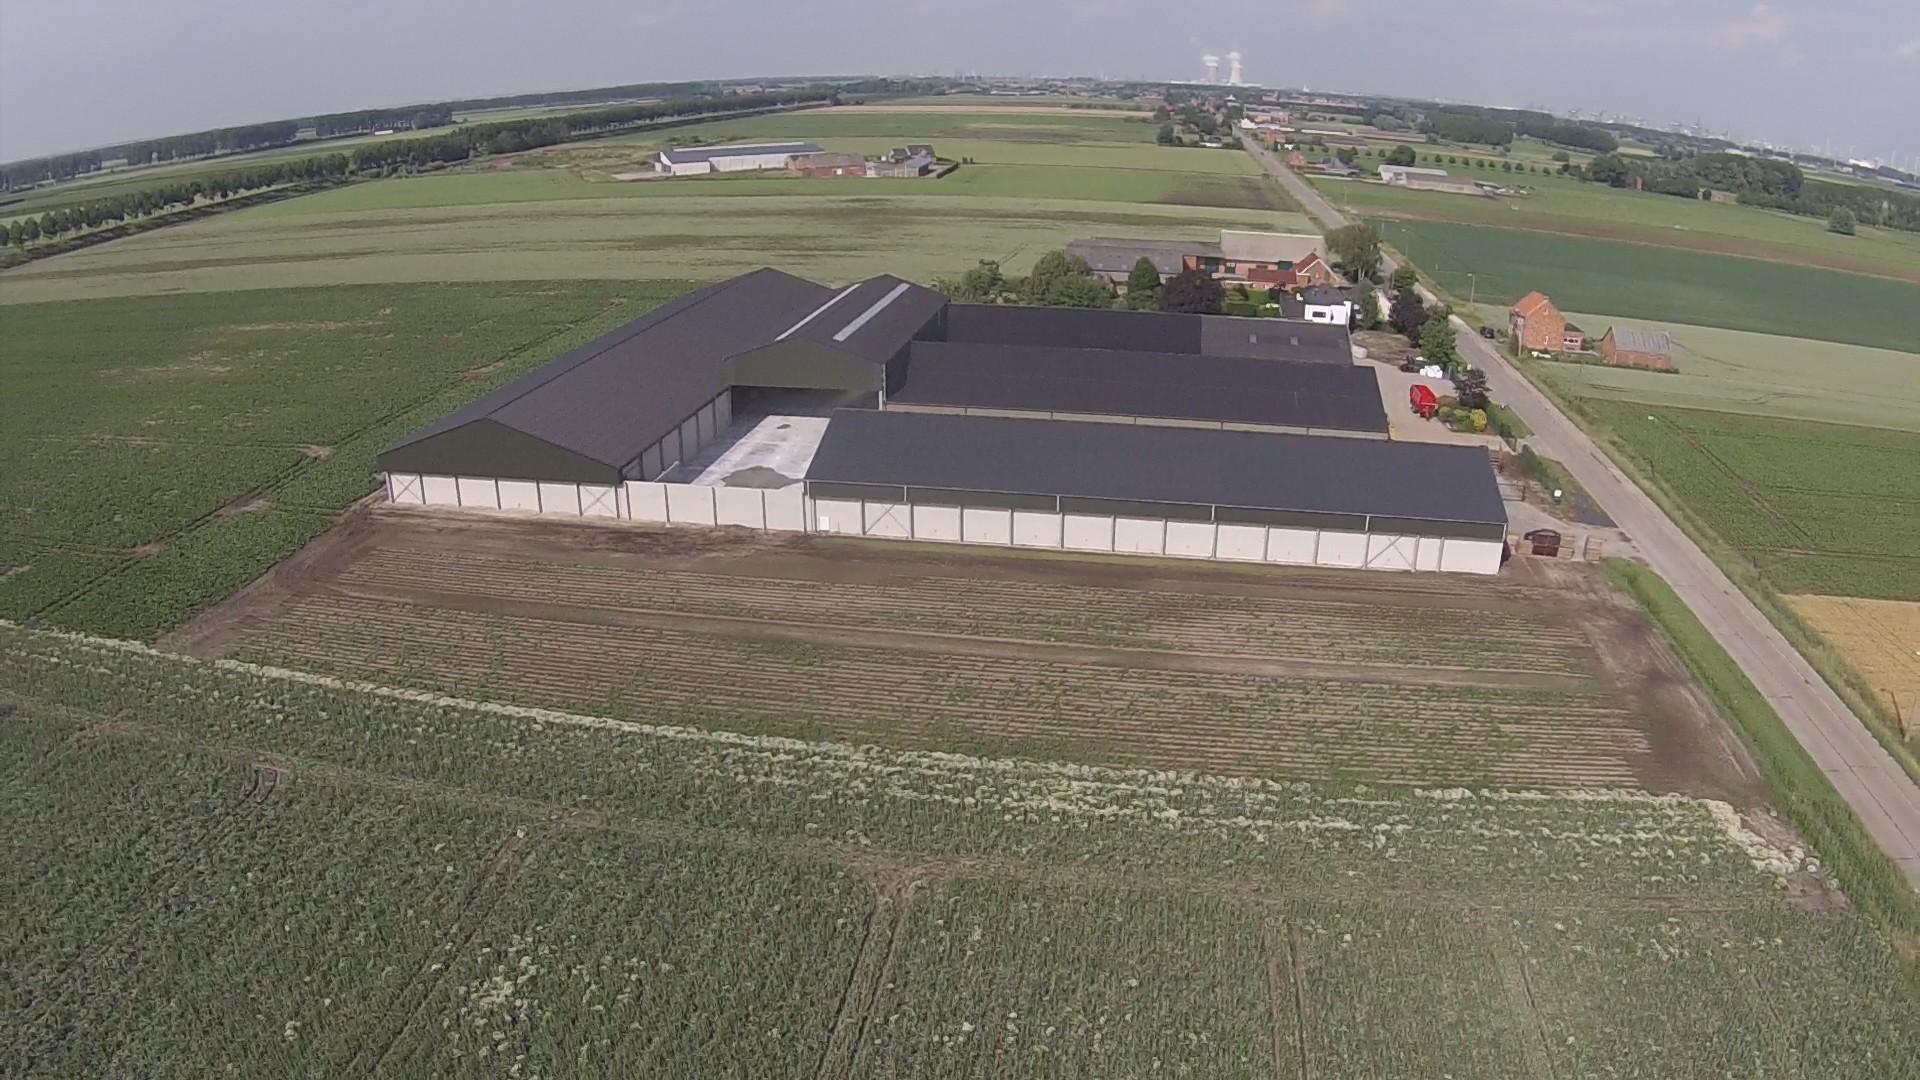 Thielman bvba_aardappelloods_aardappelopslagloods_Hangar pommes de terre_Meerdonk (11).jpg